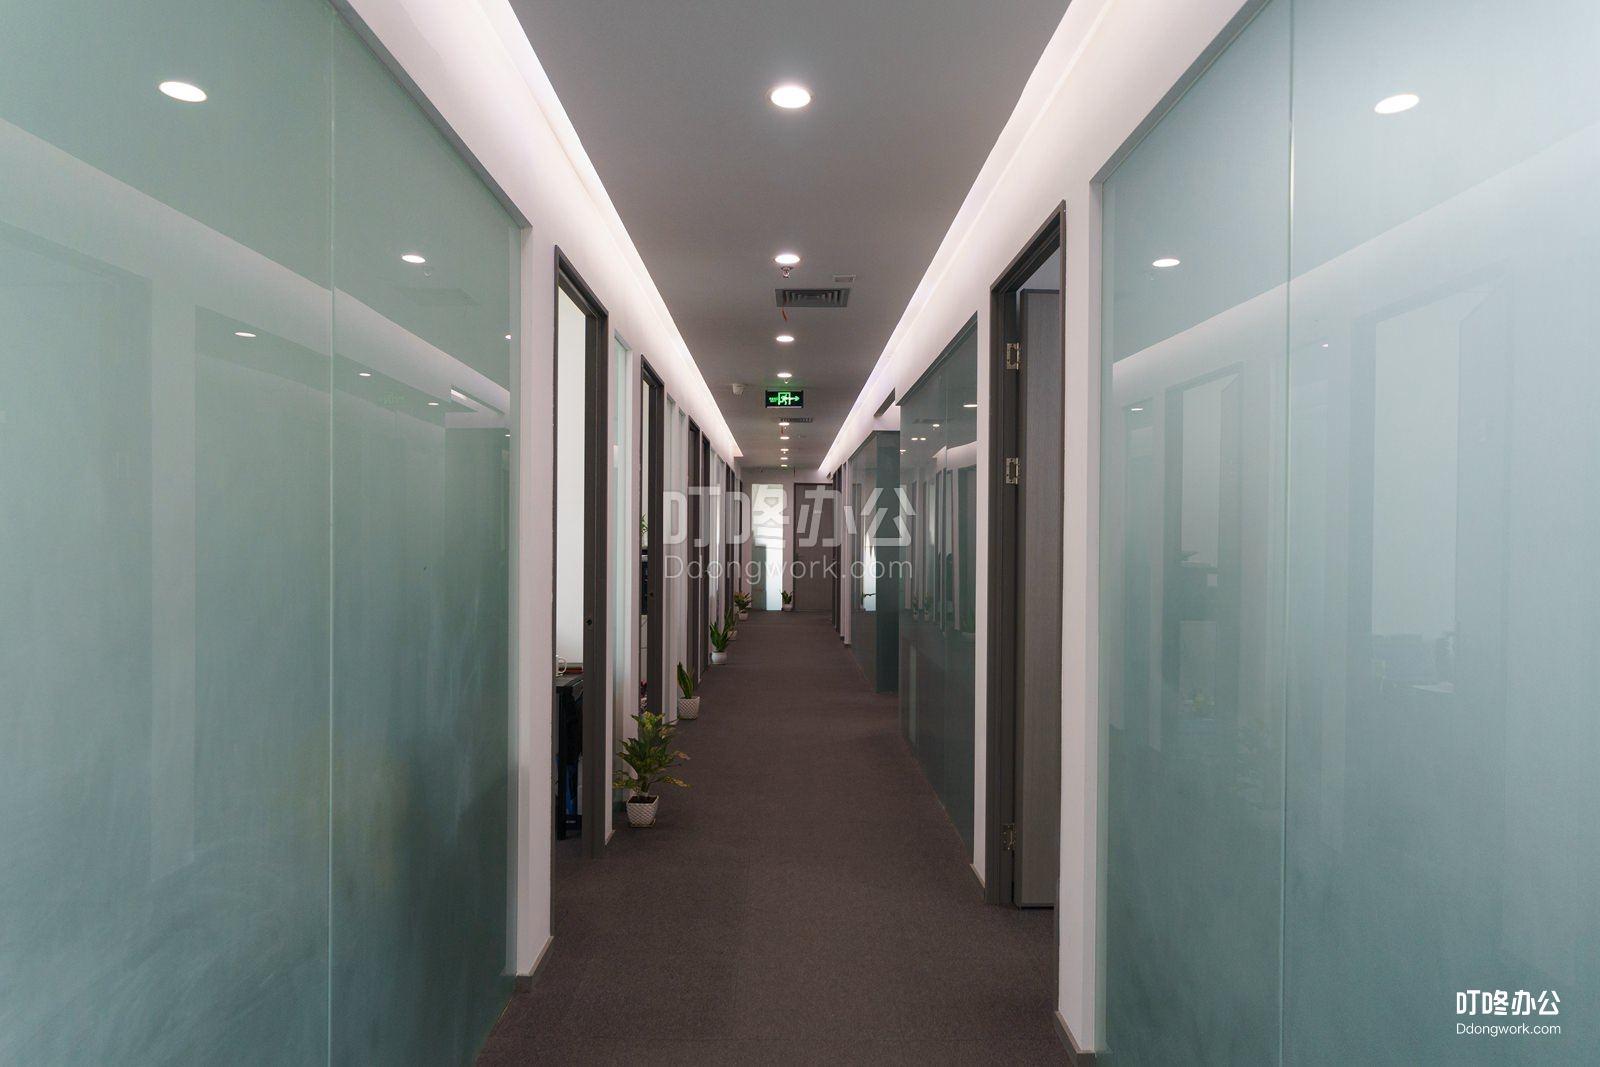 弘夏国际商务空间